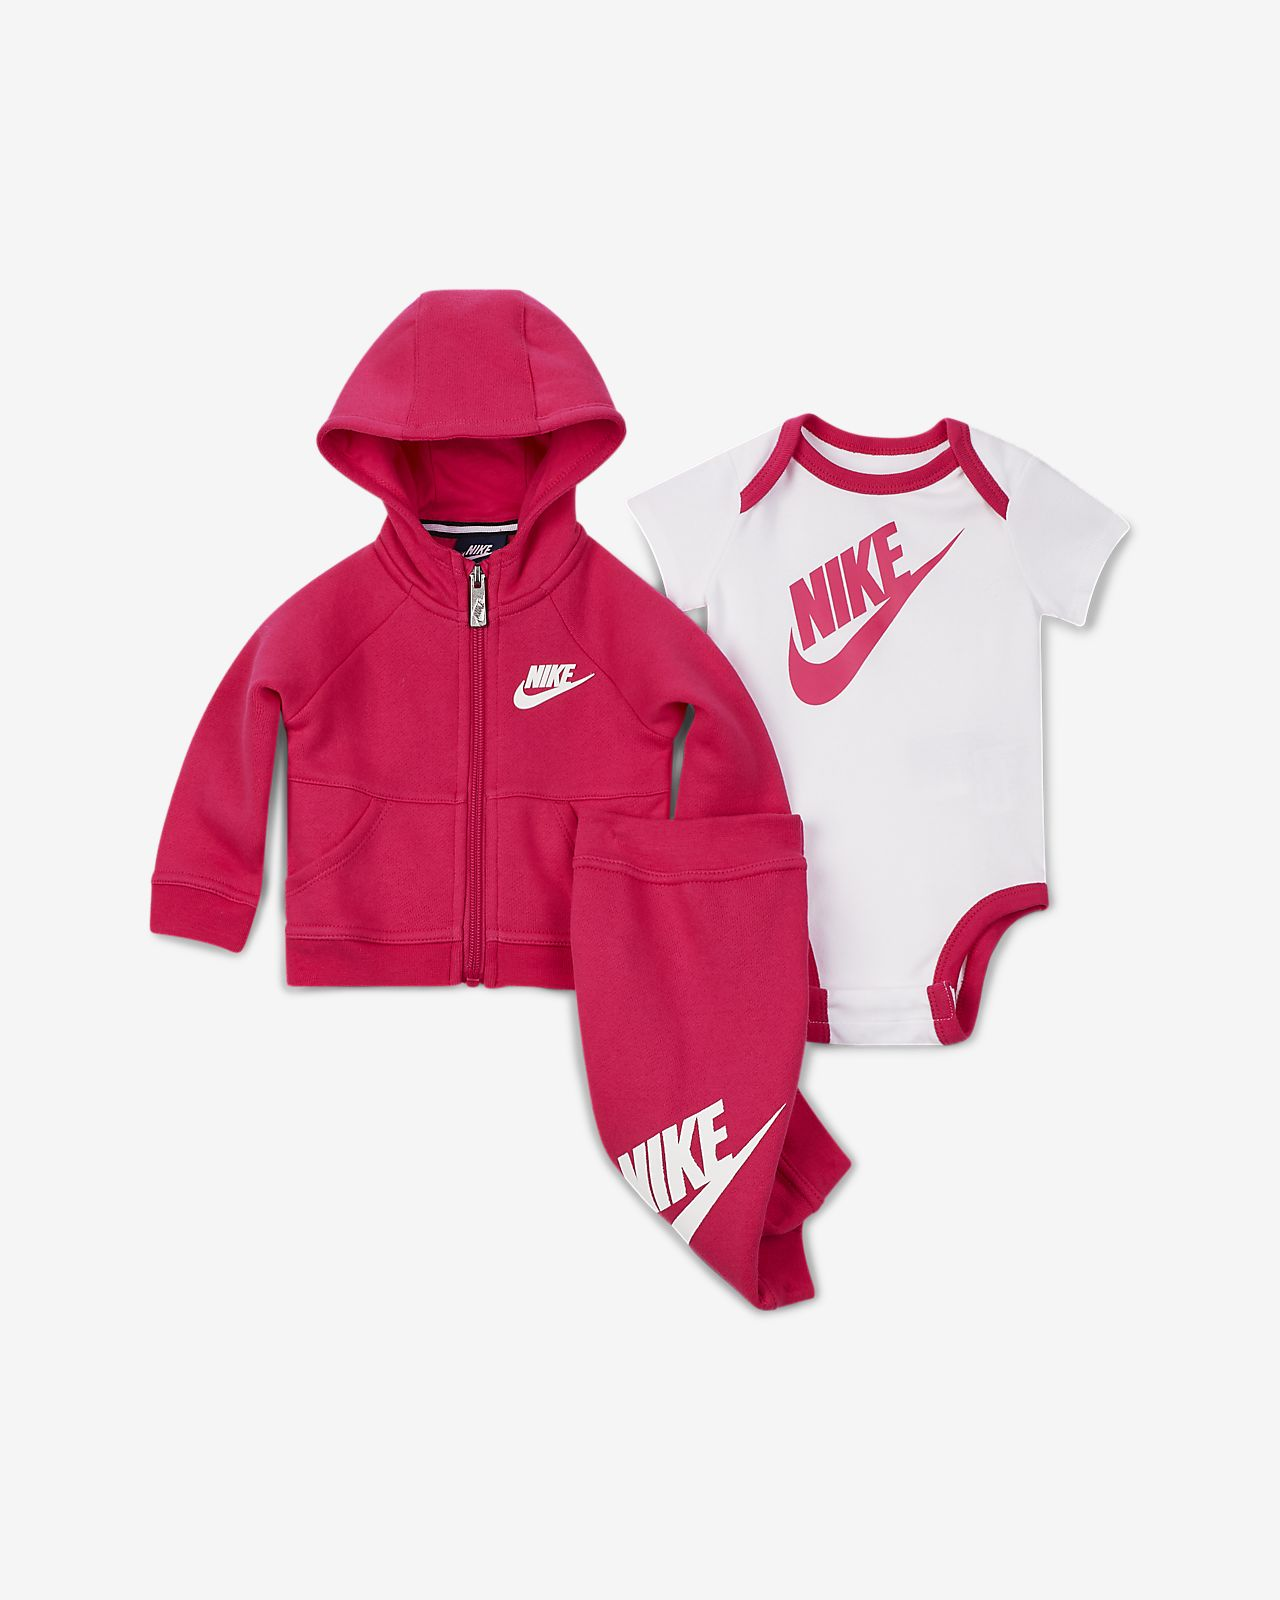 Conjunto de sudadera con capucha, body y pantalones para bebé (0 a 6 meses) Nike